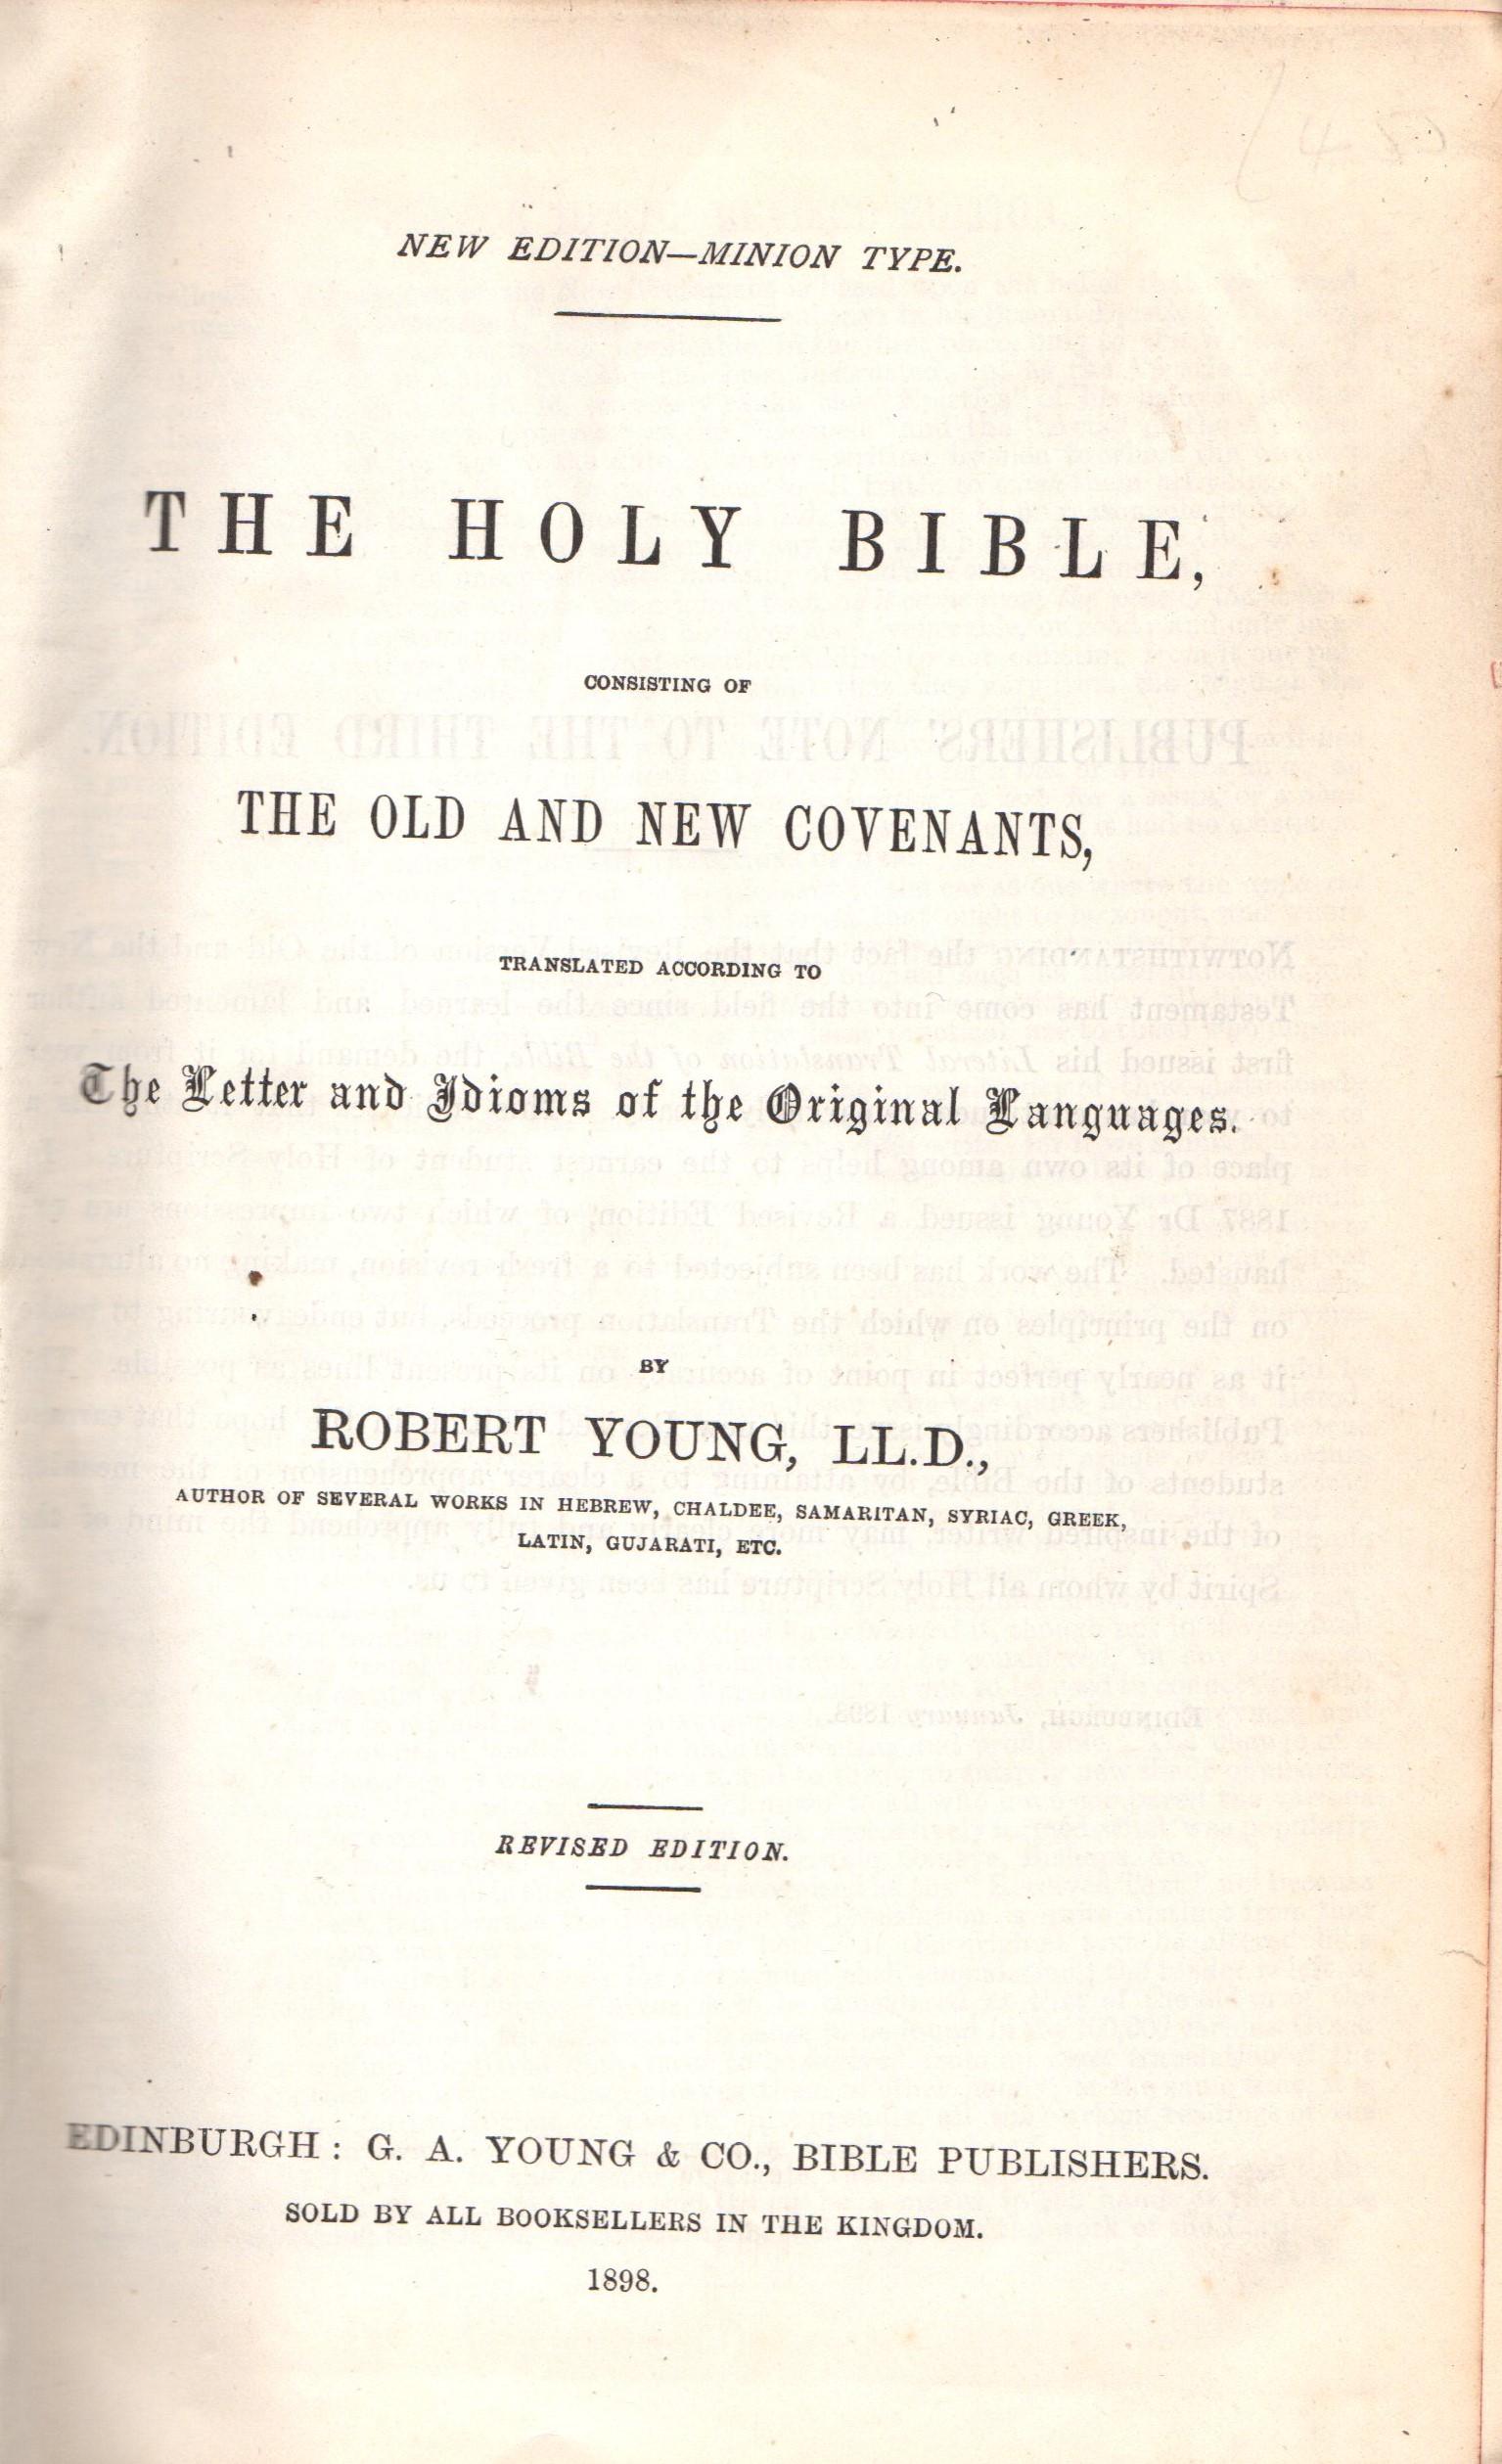 robert young internet bible catalog